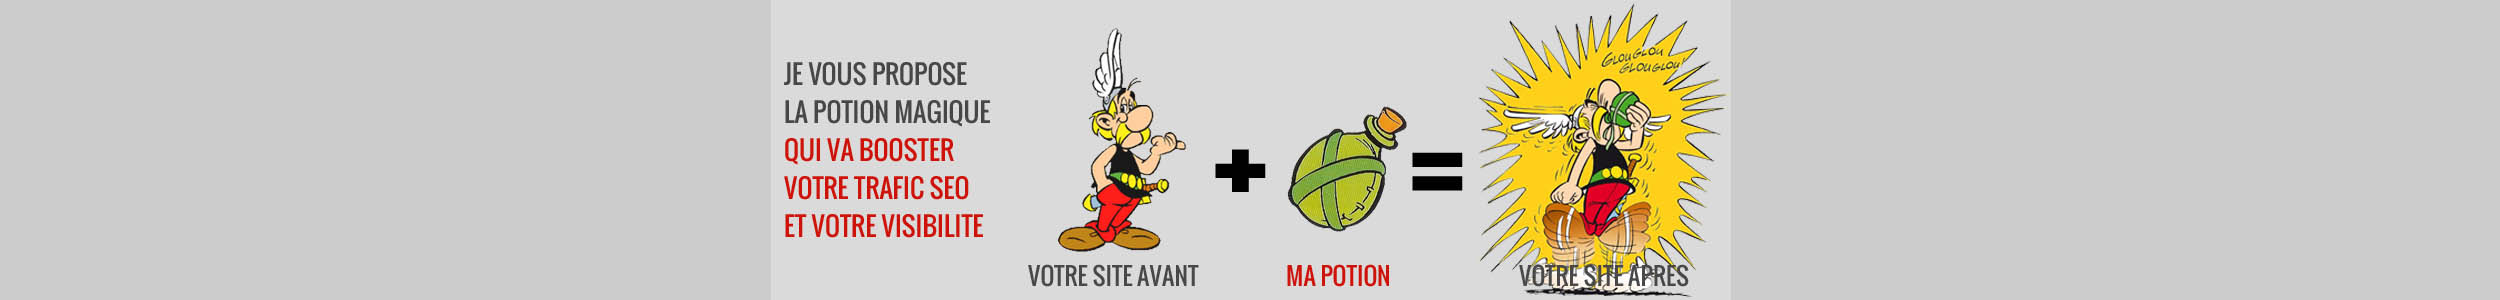 potion-magique-pour-booster-le-trafic-seo-site-intenet